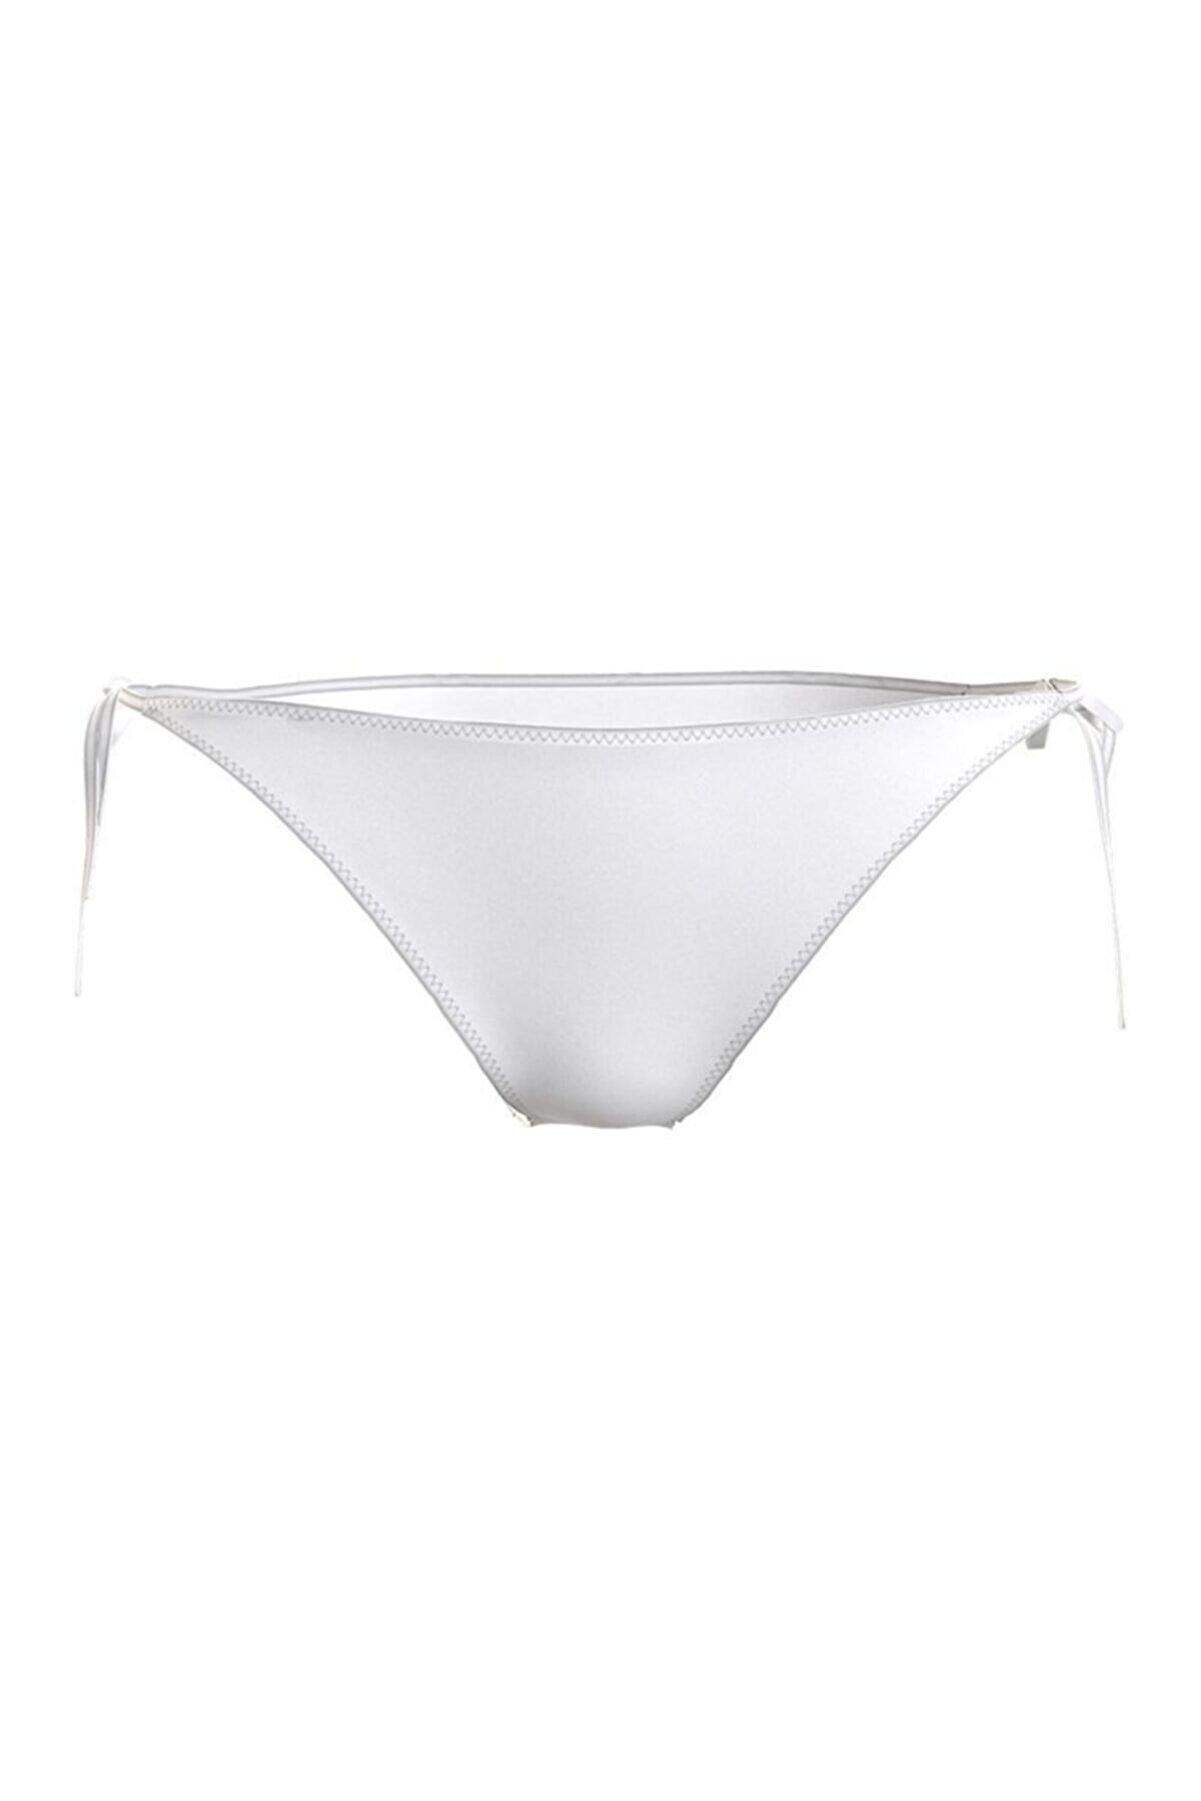 Calvin Klein Calvın Kleın Kadın Bikini Altı Kw0kw01230-ycd